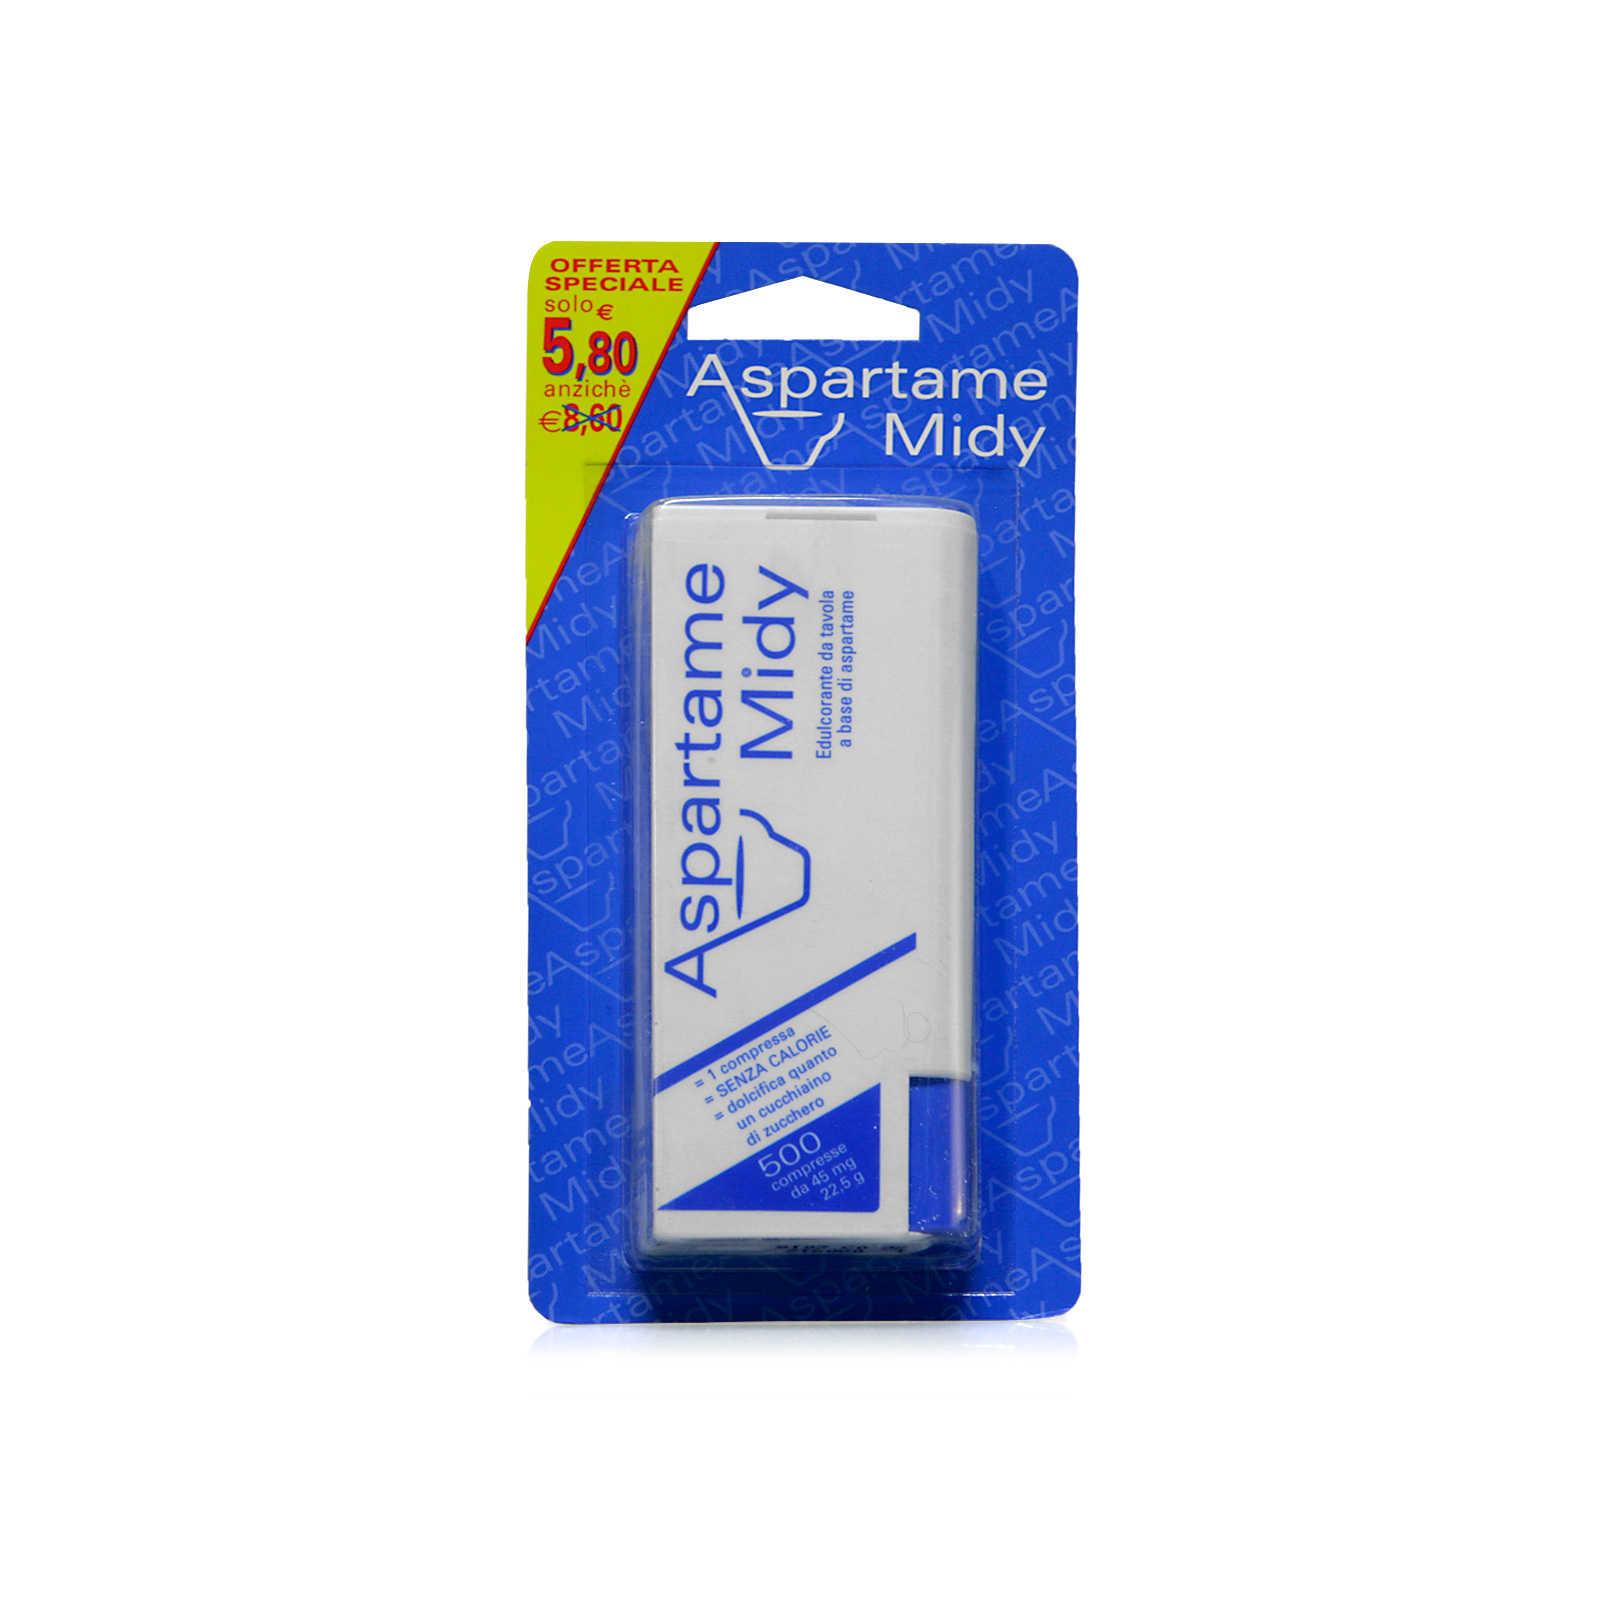 Esi - Aspartame